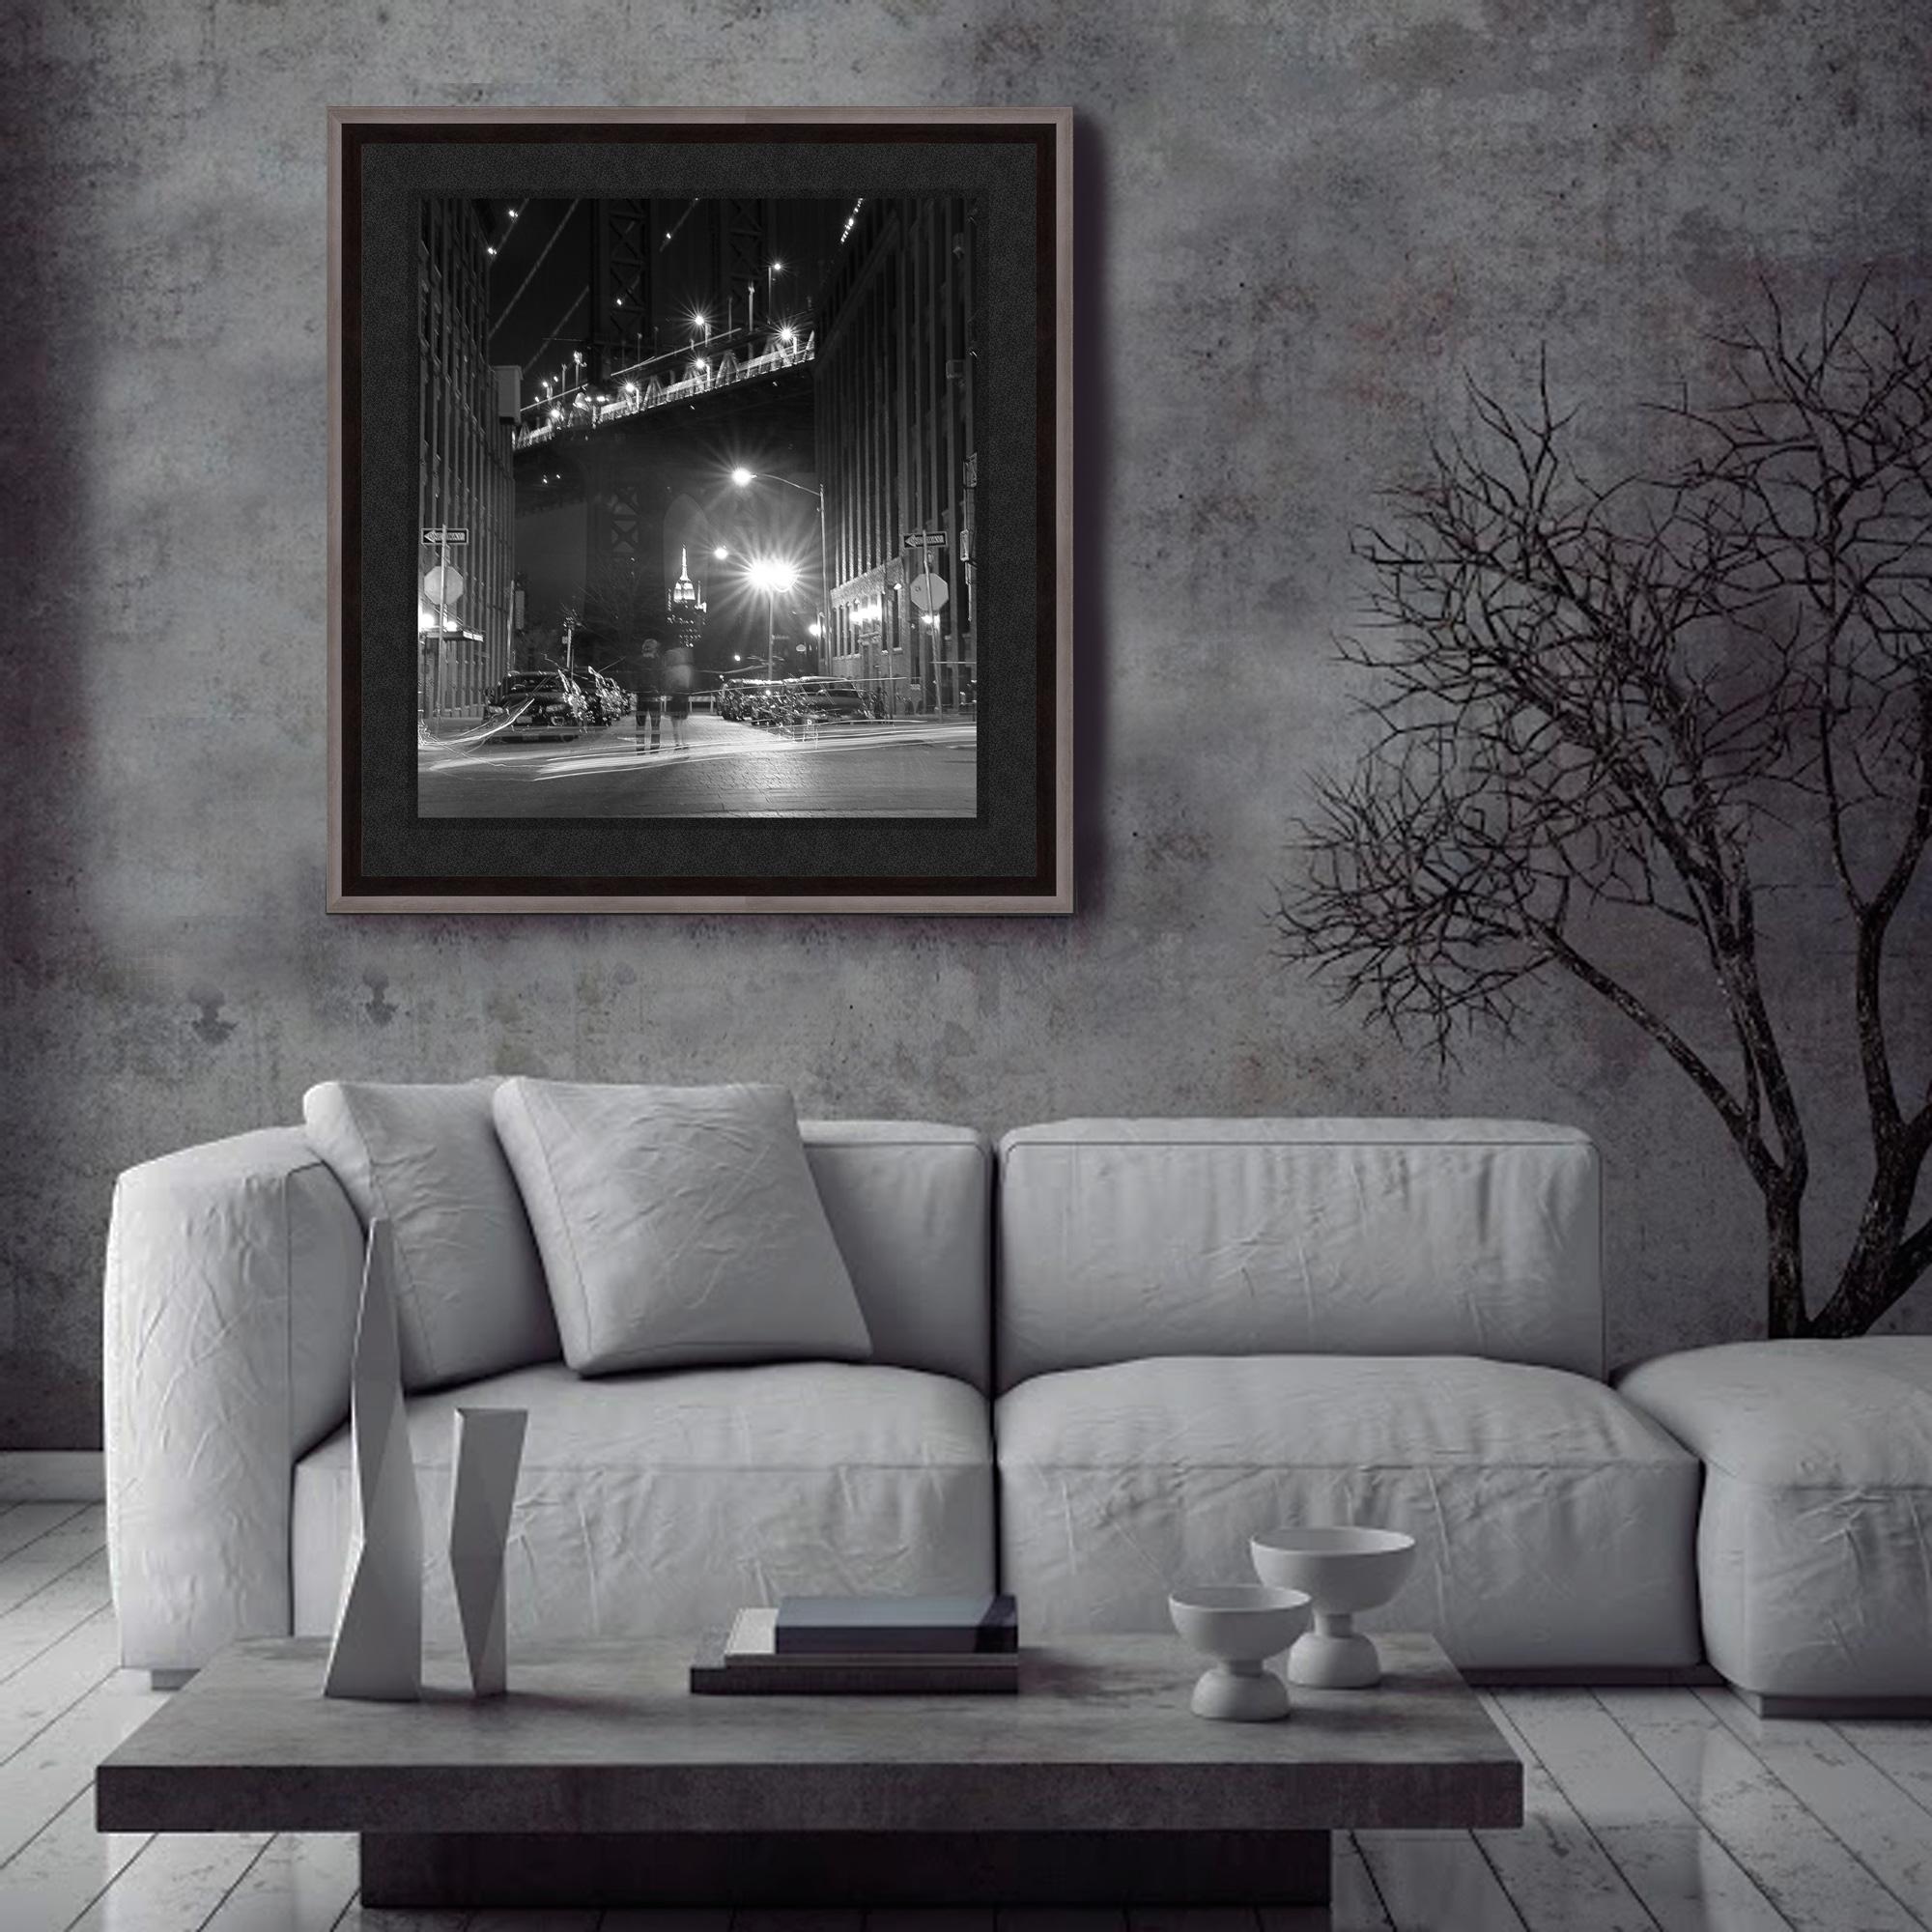 Untitled-II-in-home-II.jpg